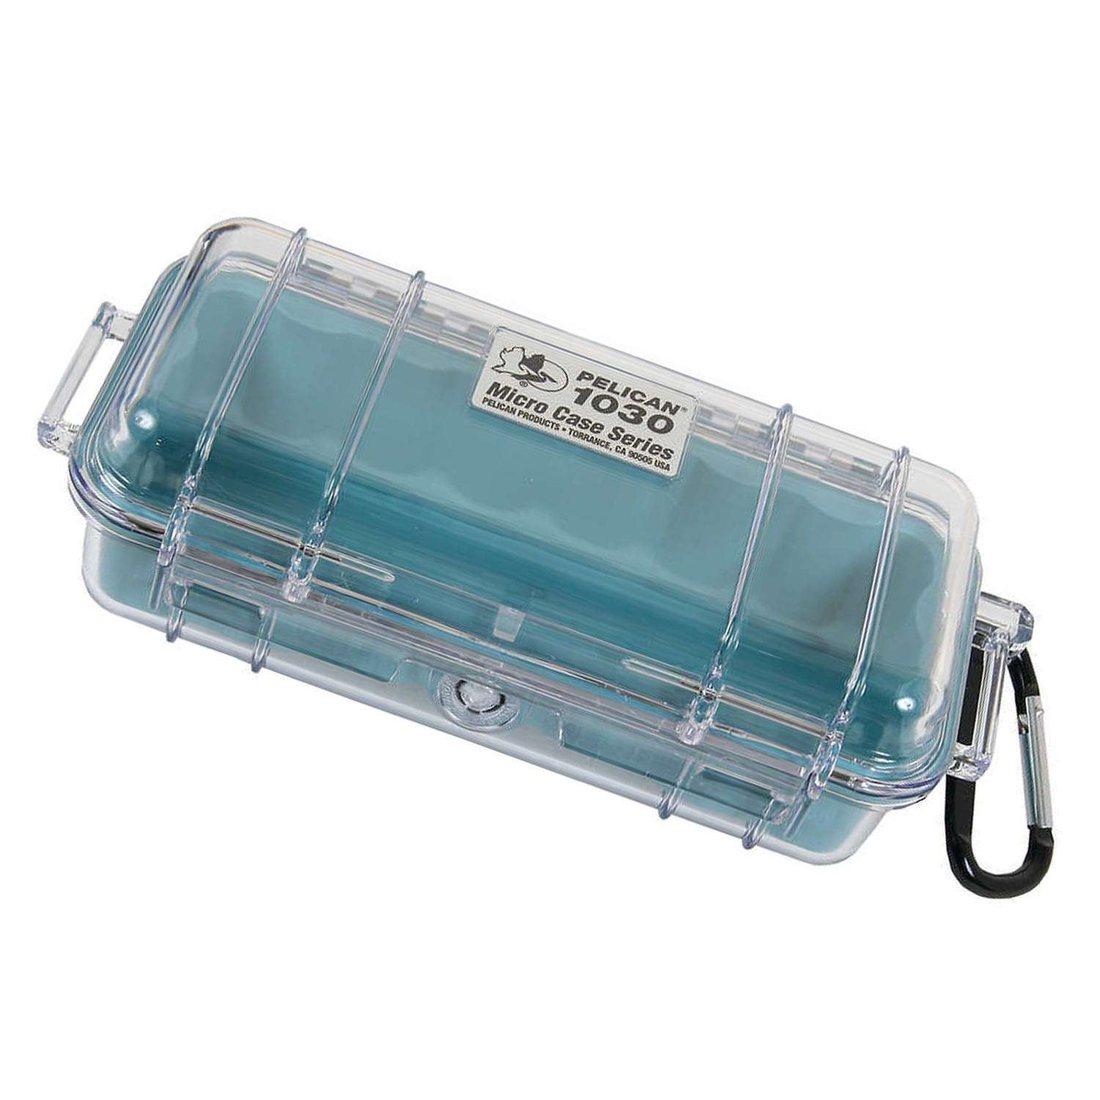 ペリカン 1030ライナー 防水ケース  自社在庫品